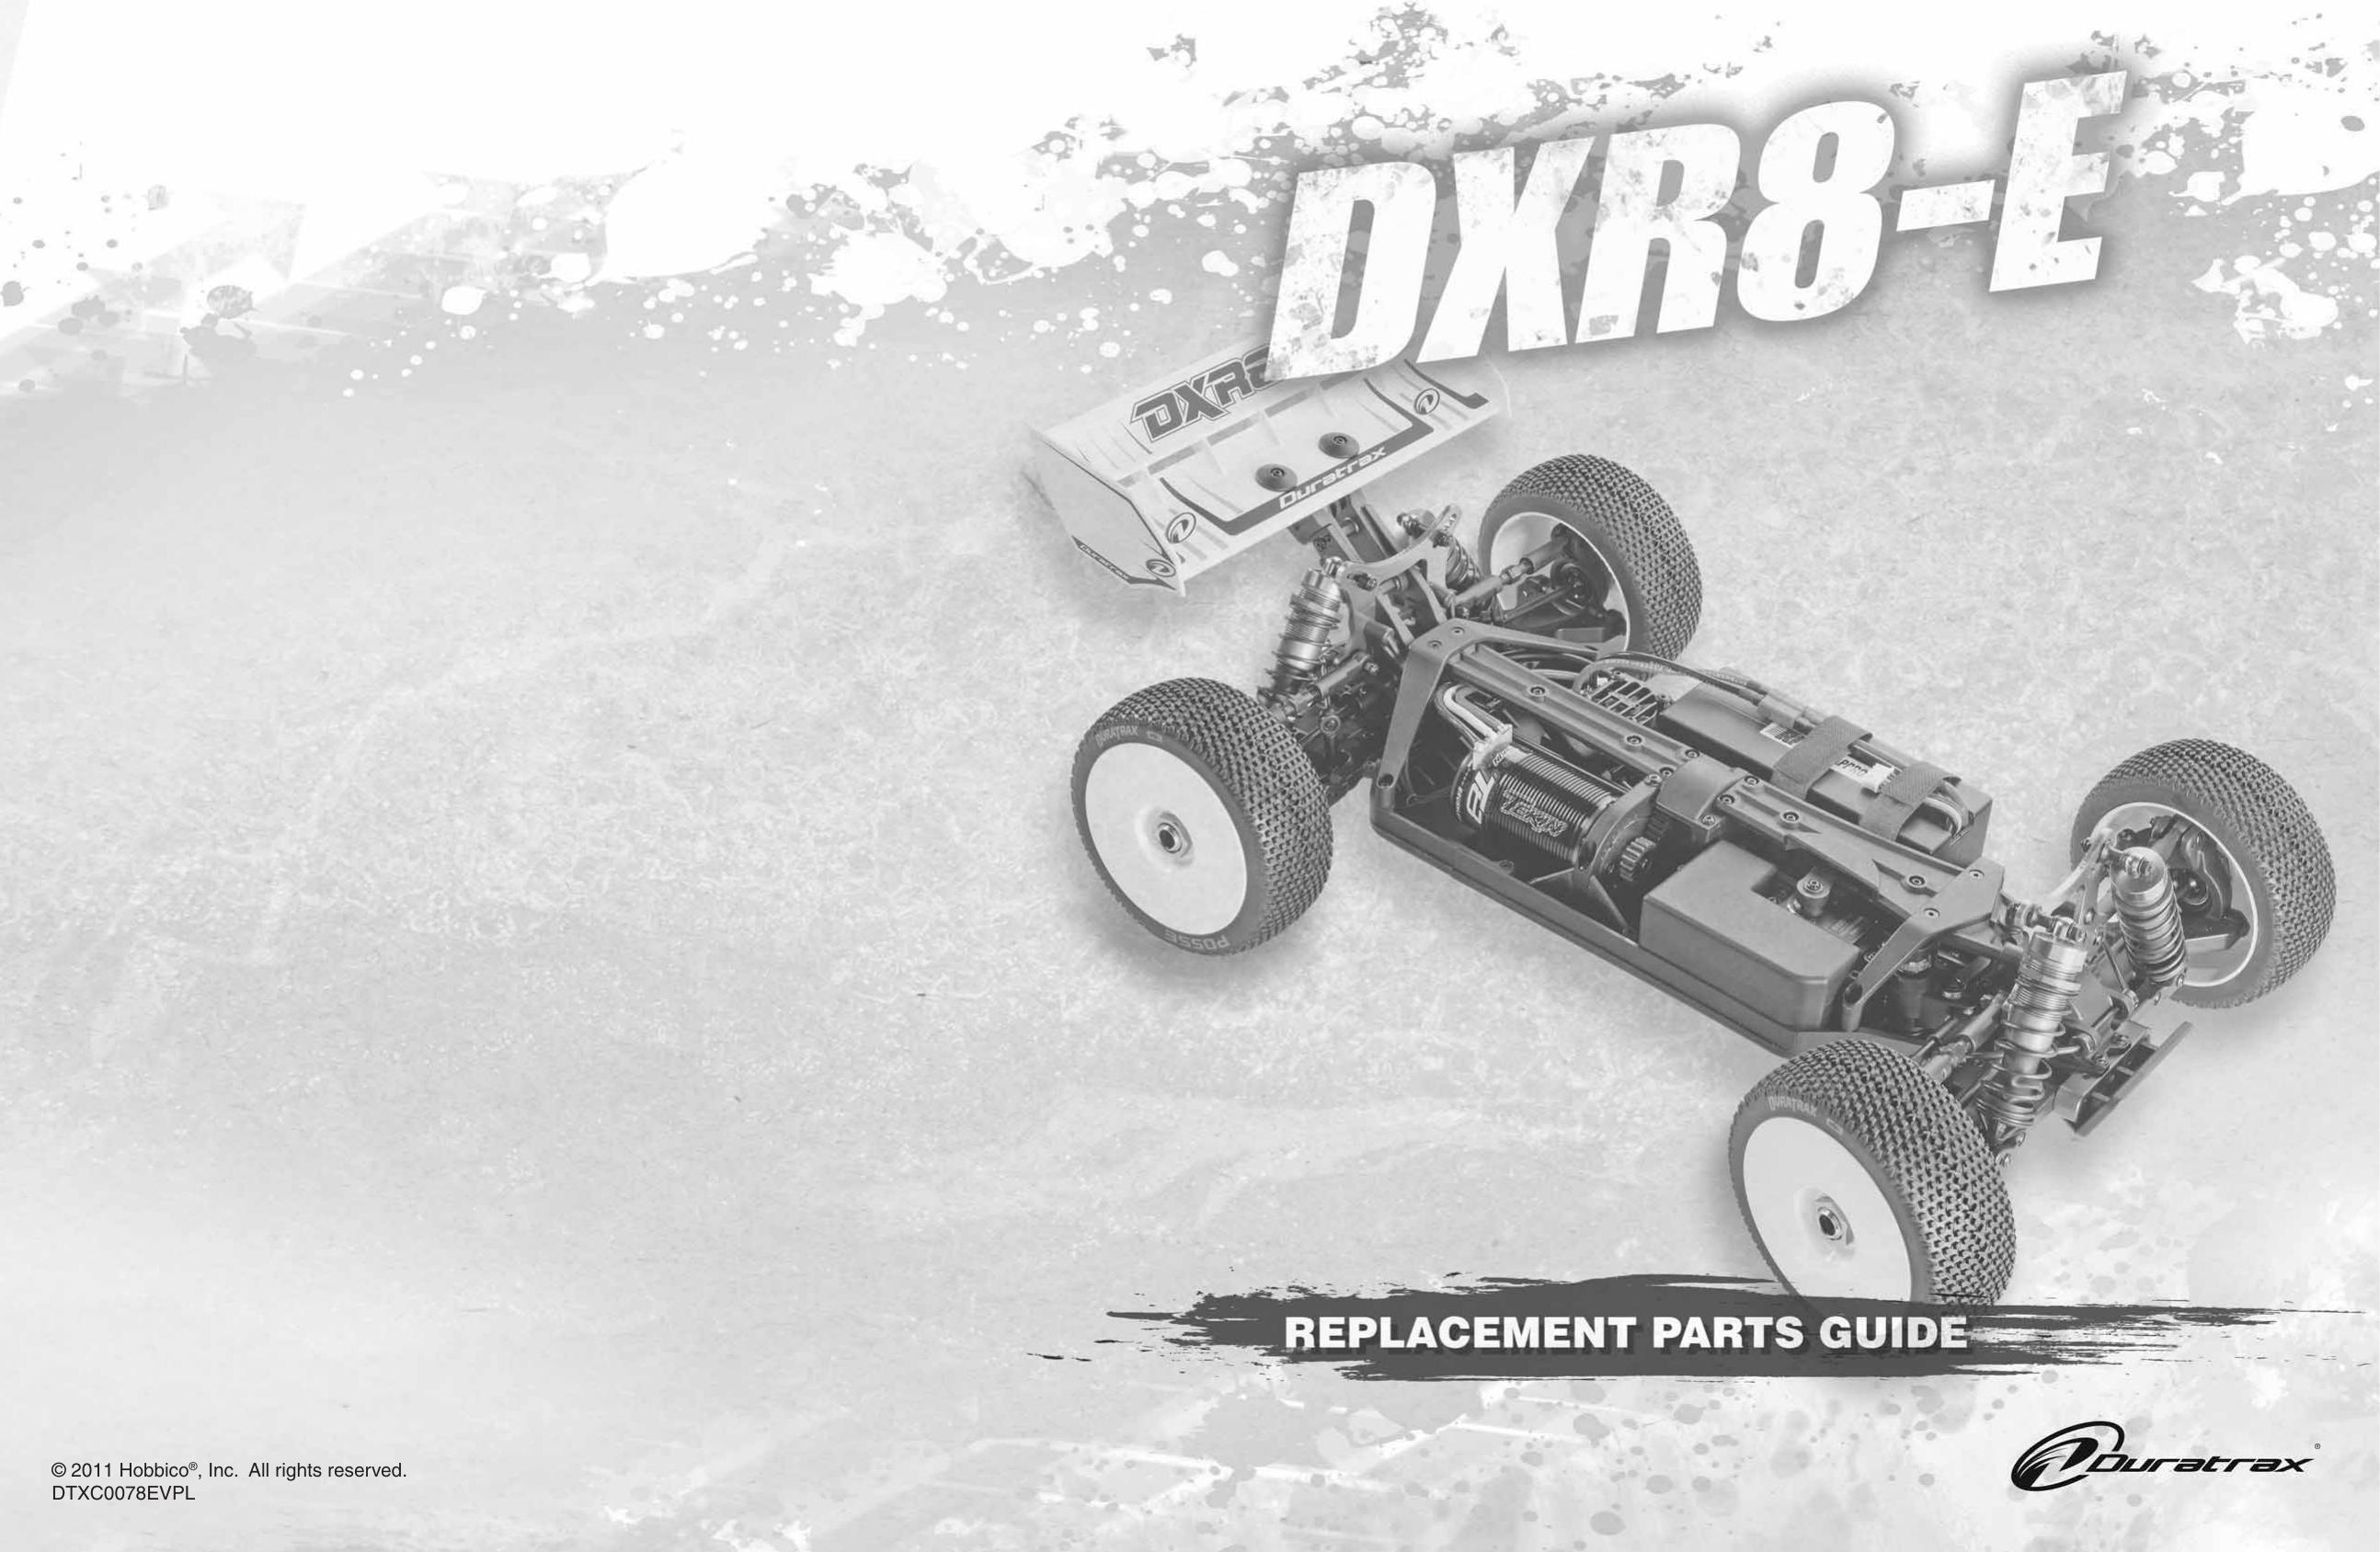 Duratrax DTXC9330 Spur Gear Plastic 46T DXR8-E